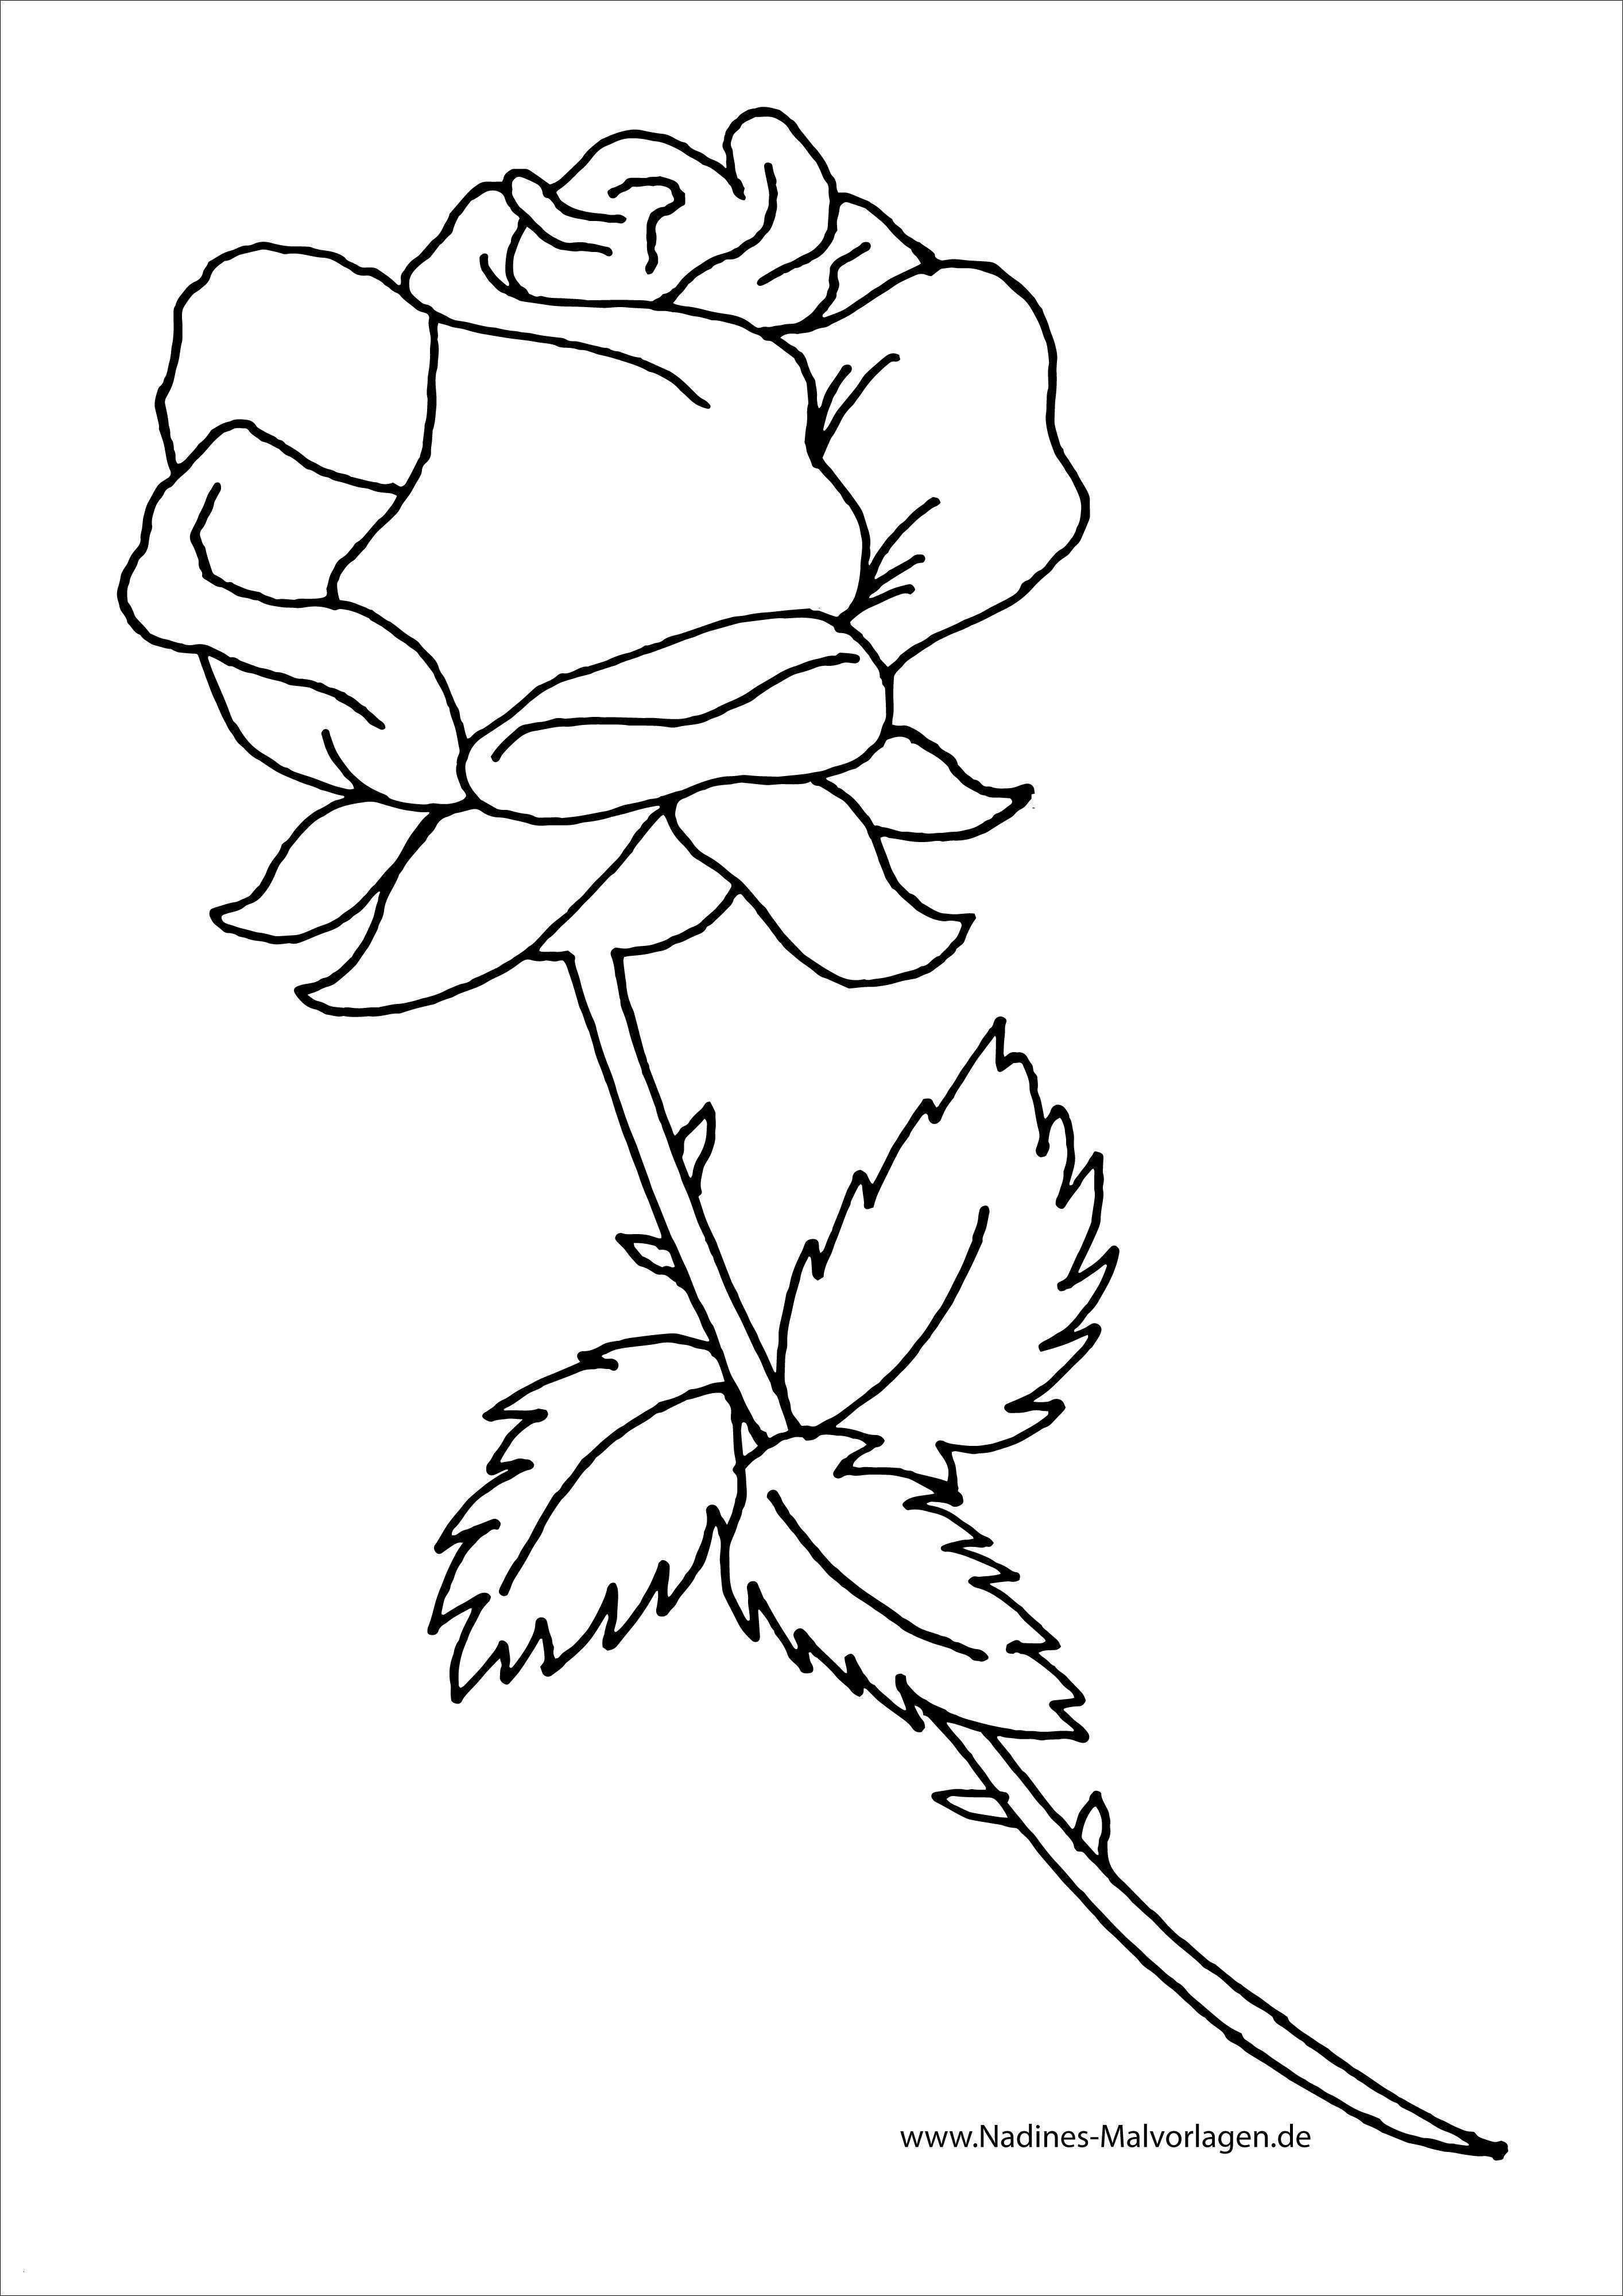 Rosen Zum Ausmalen Frisch Rose Herz Malvorlage Bild Rosen Mit Herzen Ausmalbilder Schön Neues Galerie